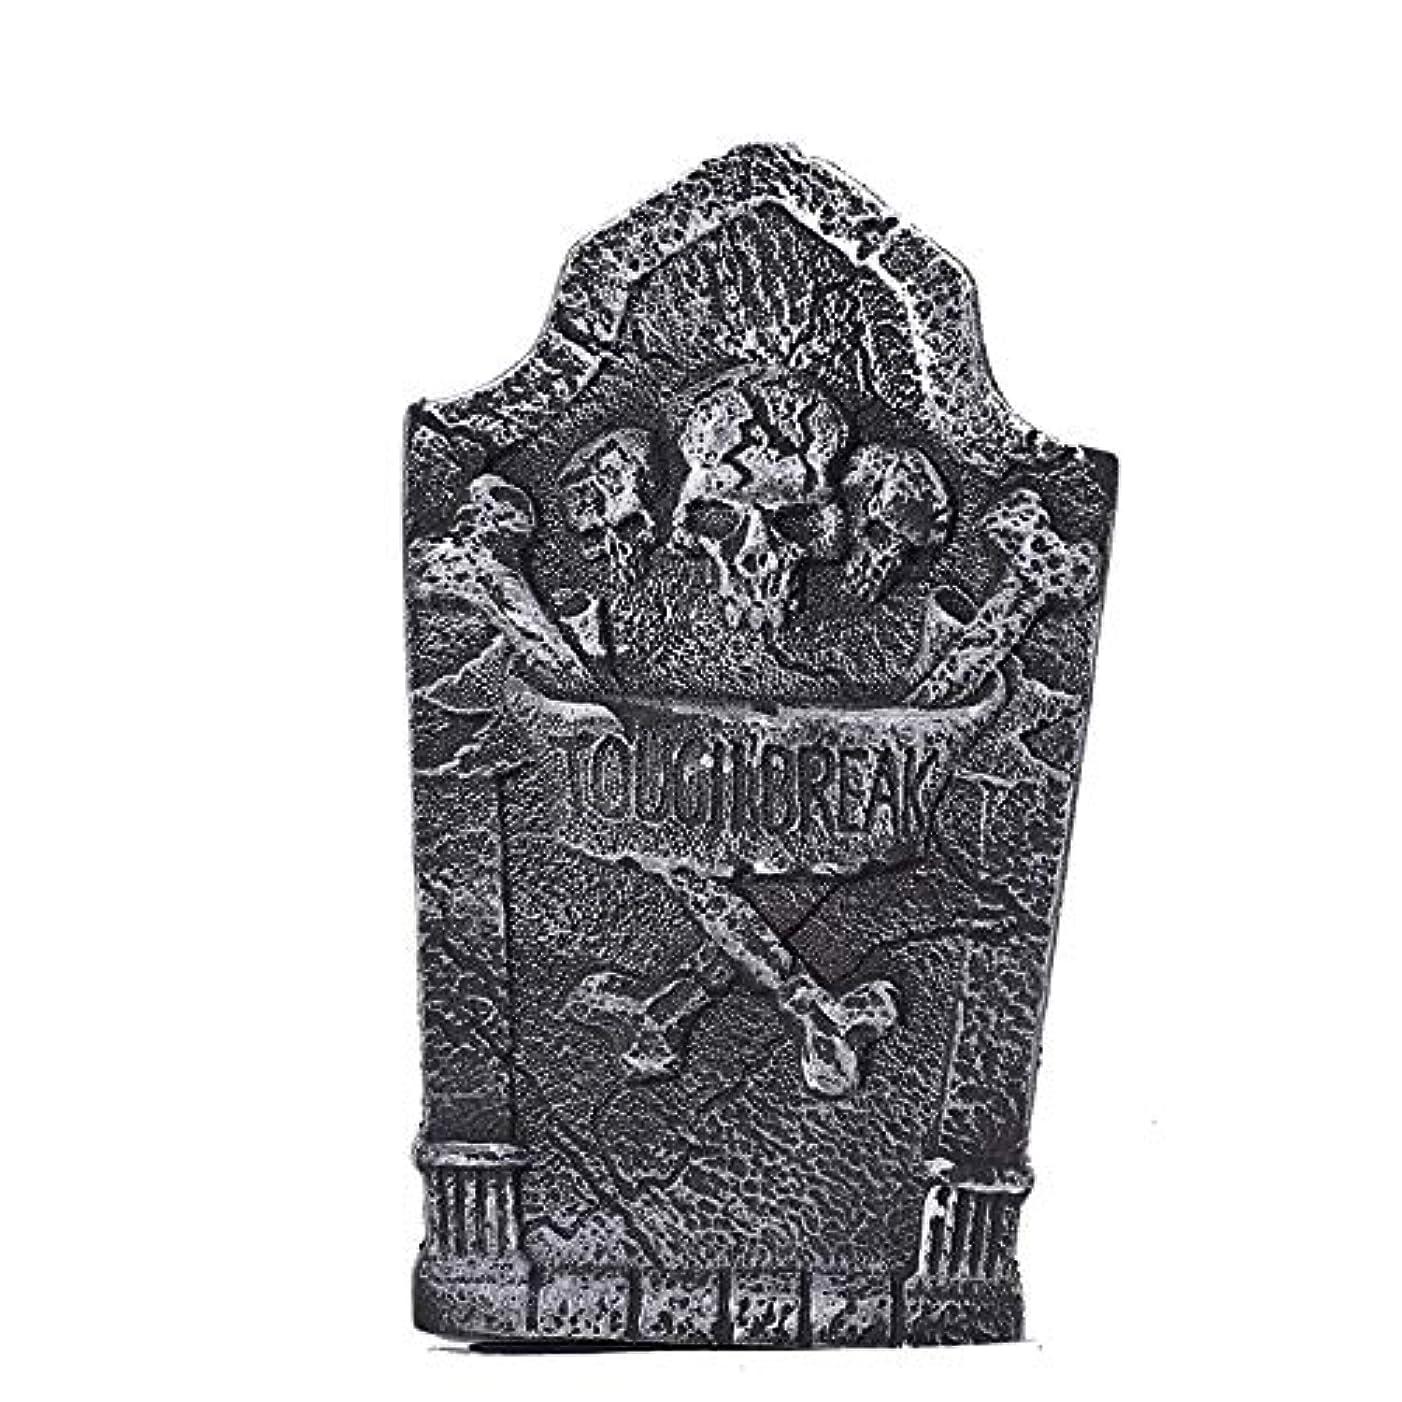 パイル石鹸恐怖ETRRUU HOME ハロウィン小道具スカルトゥームストーンバータトゥーショップ秘密の部屋の装飾怖い全体の装飾